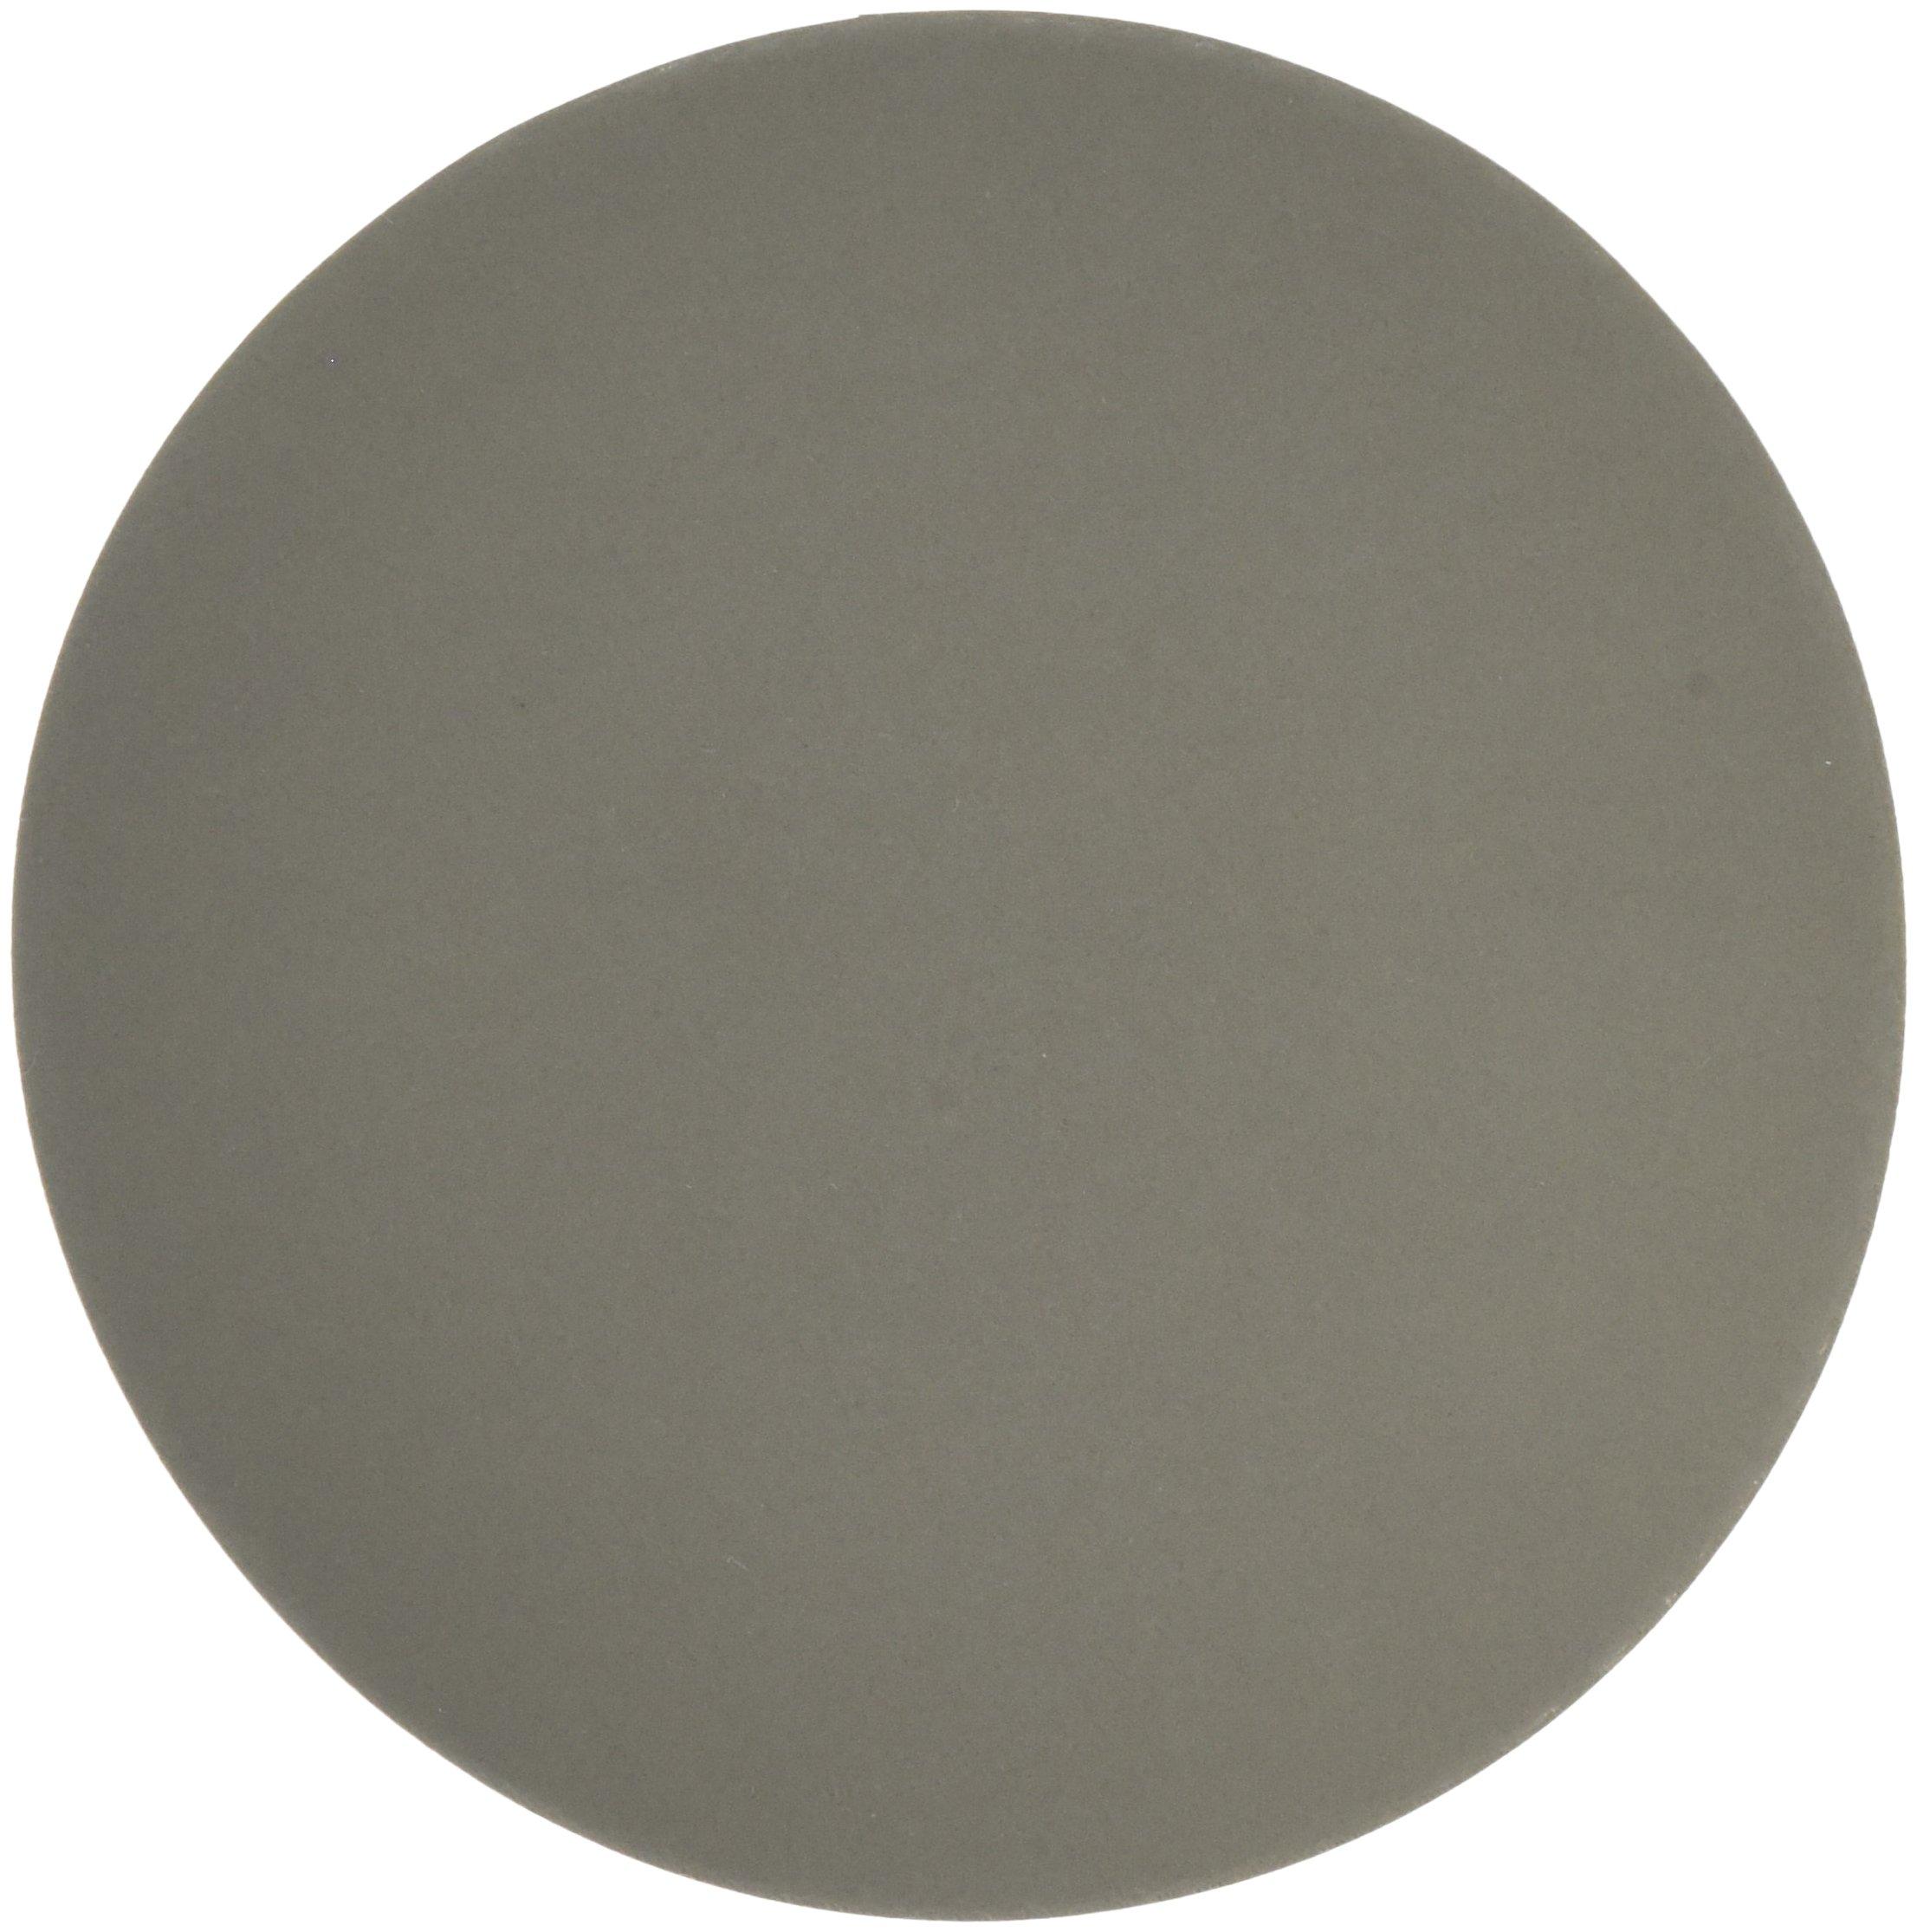 Festool 492348 P1200 Grit, Titan 2 Abrasives, Pack of 100